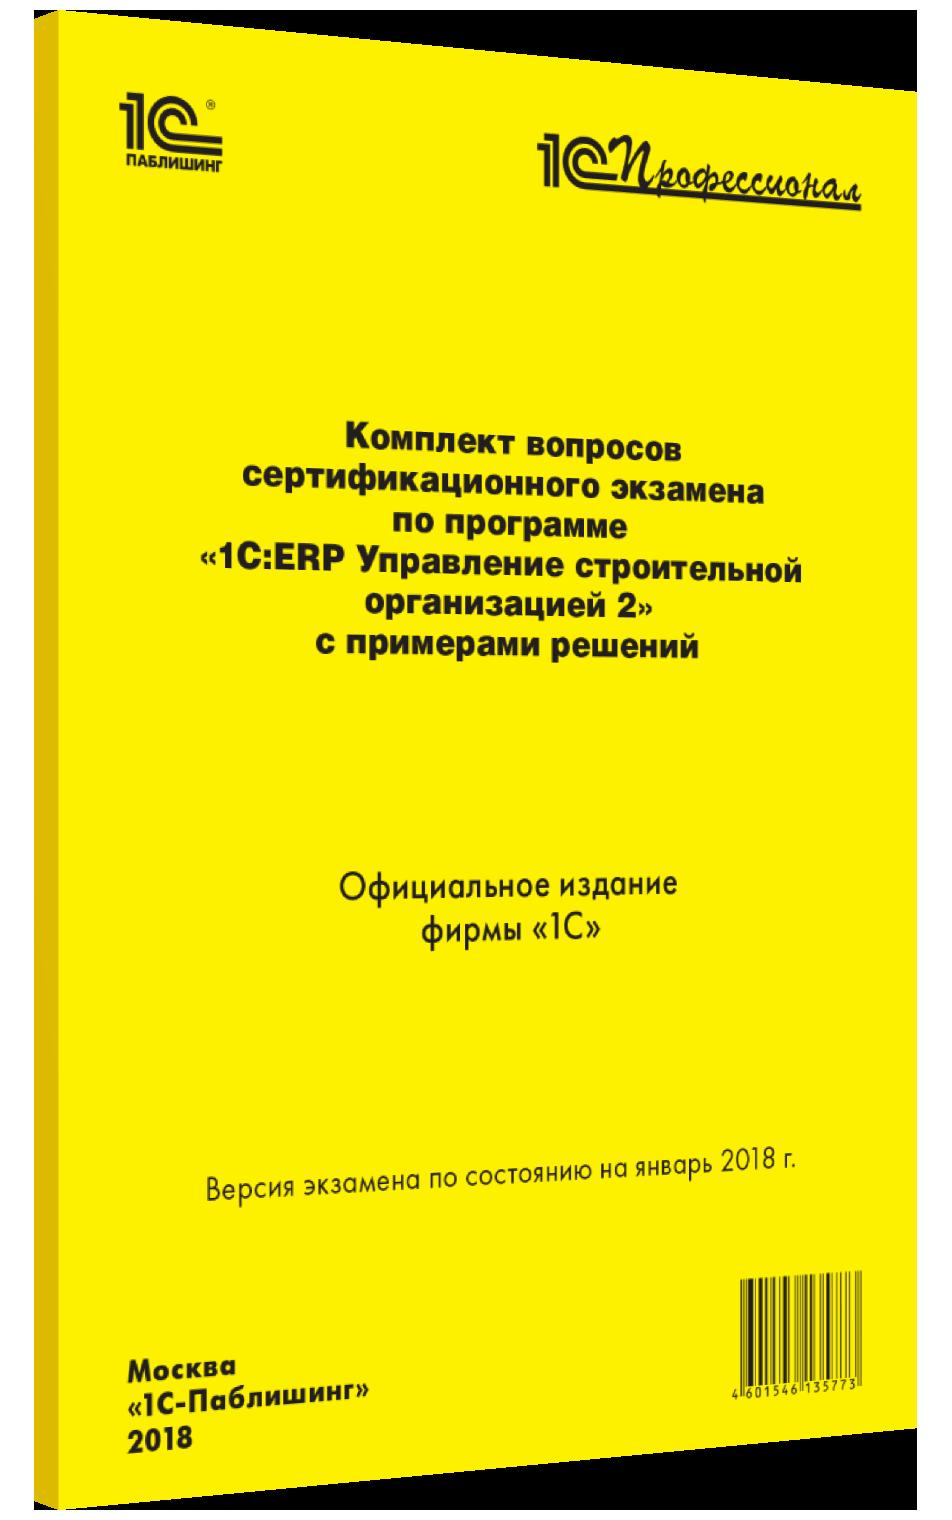 Комплект вопросов сертификационного экзамена по программе «1С:ERP. Управление строительной организацией 2» с примерами решений фото